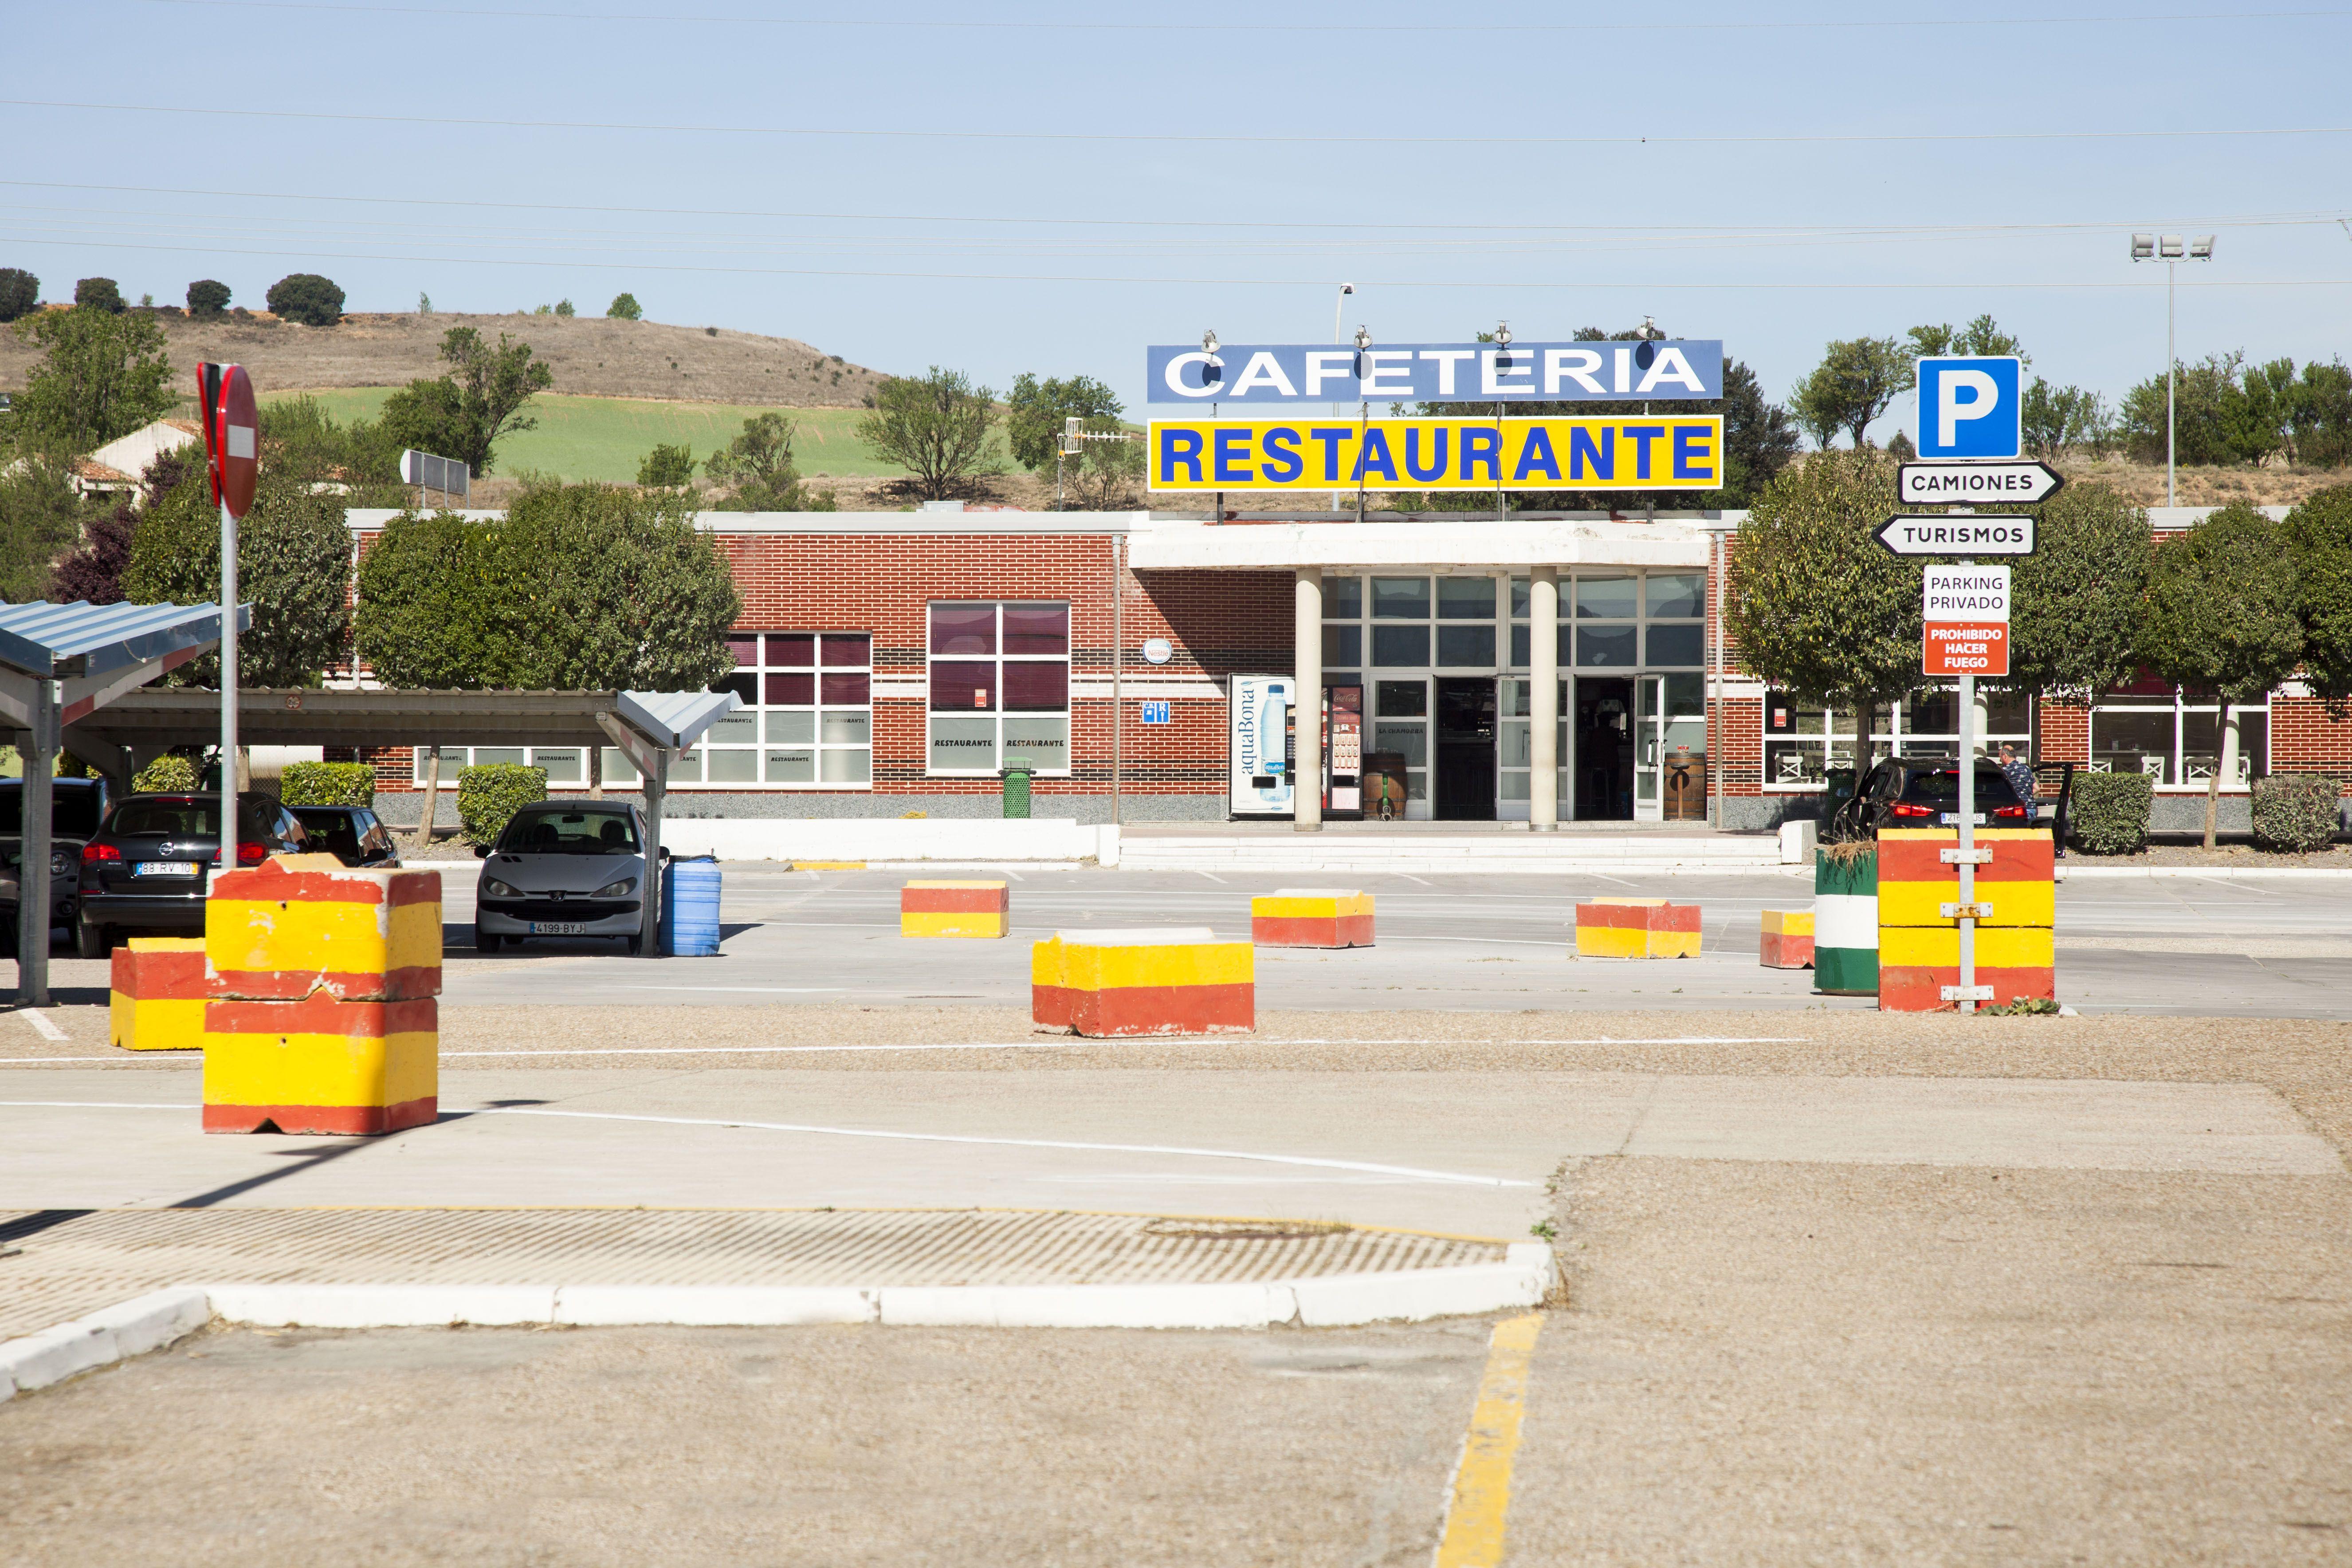 Restaurante de carretera en Dueñas, Palencia